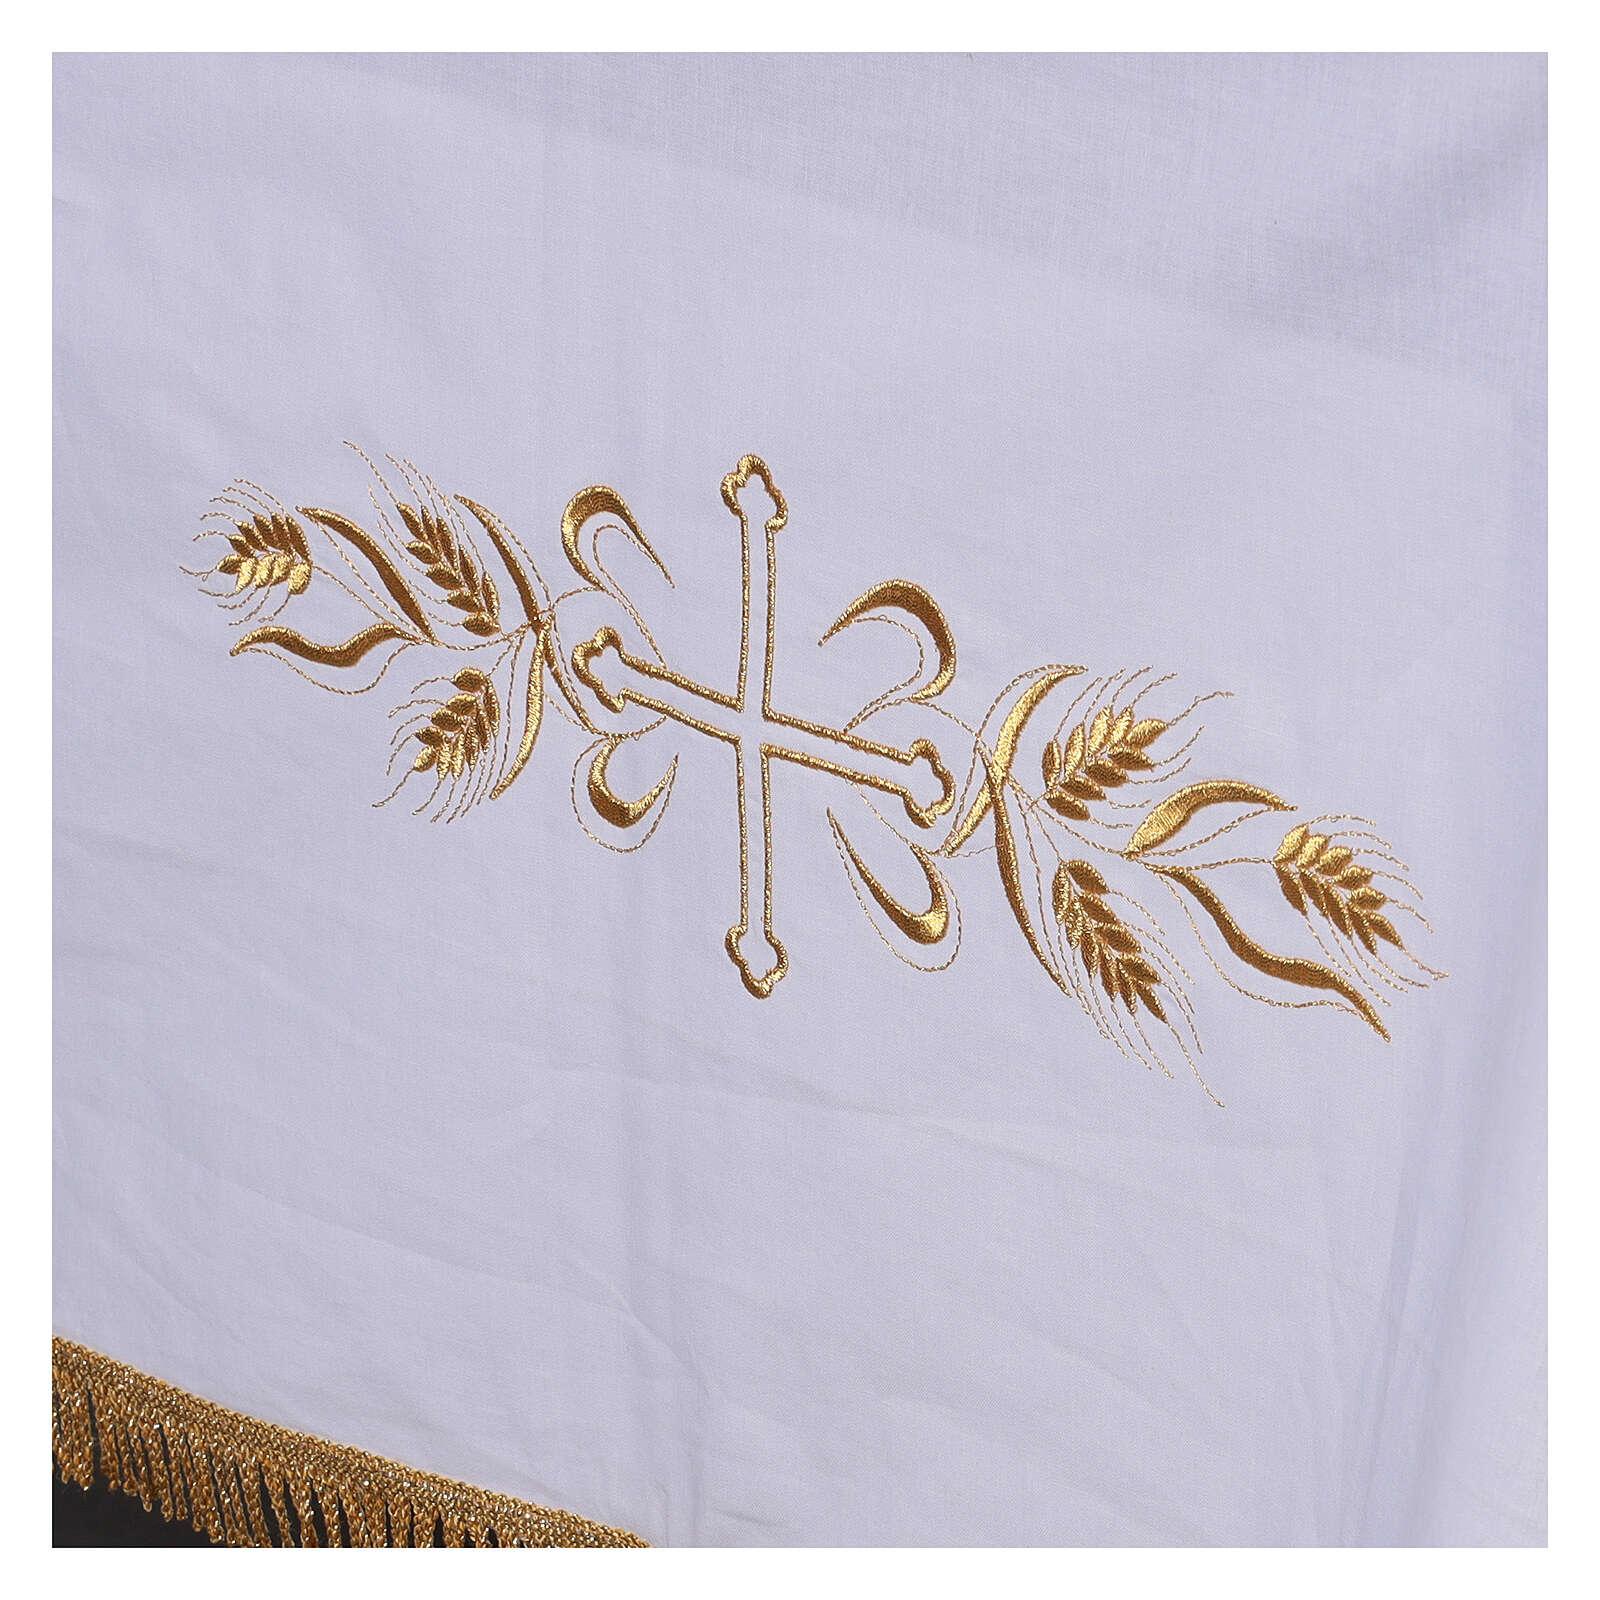 Toalha de altar 100% algodão 250x150 cm com trigo e cruzes dourados 4